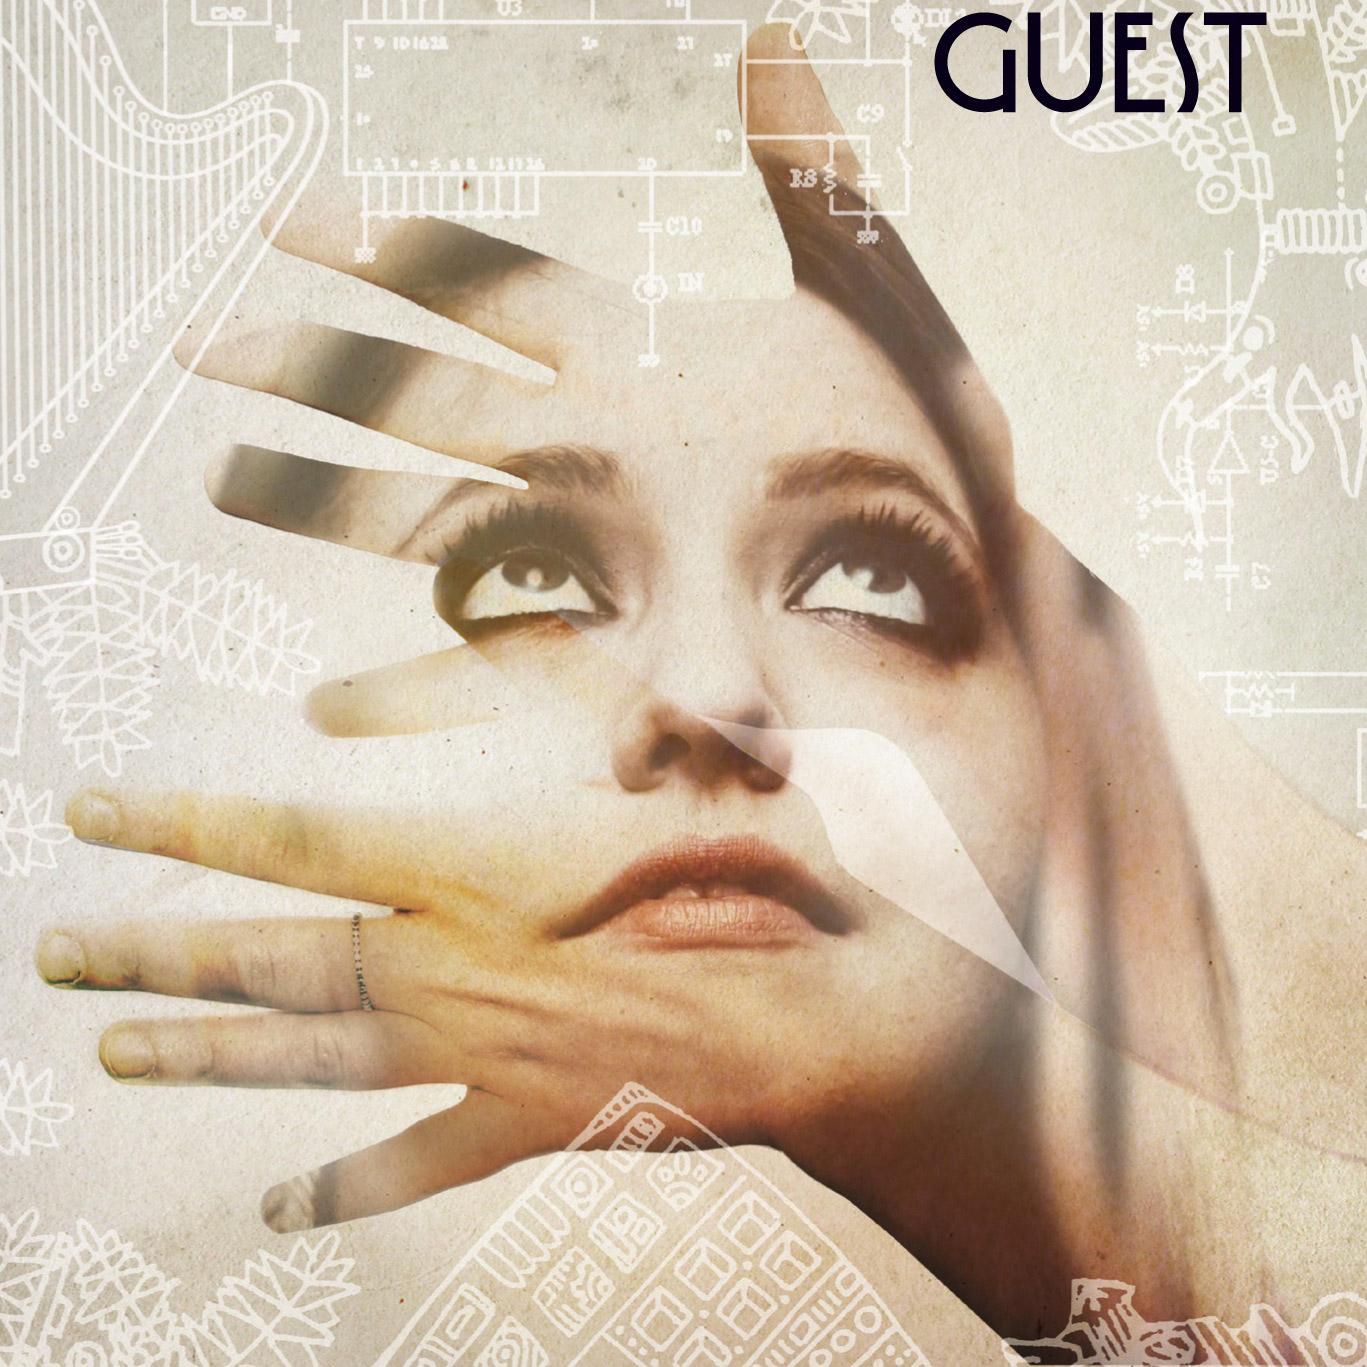 Guest, Cecilia